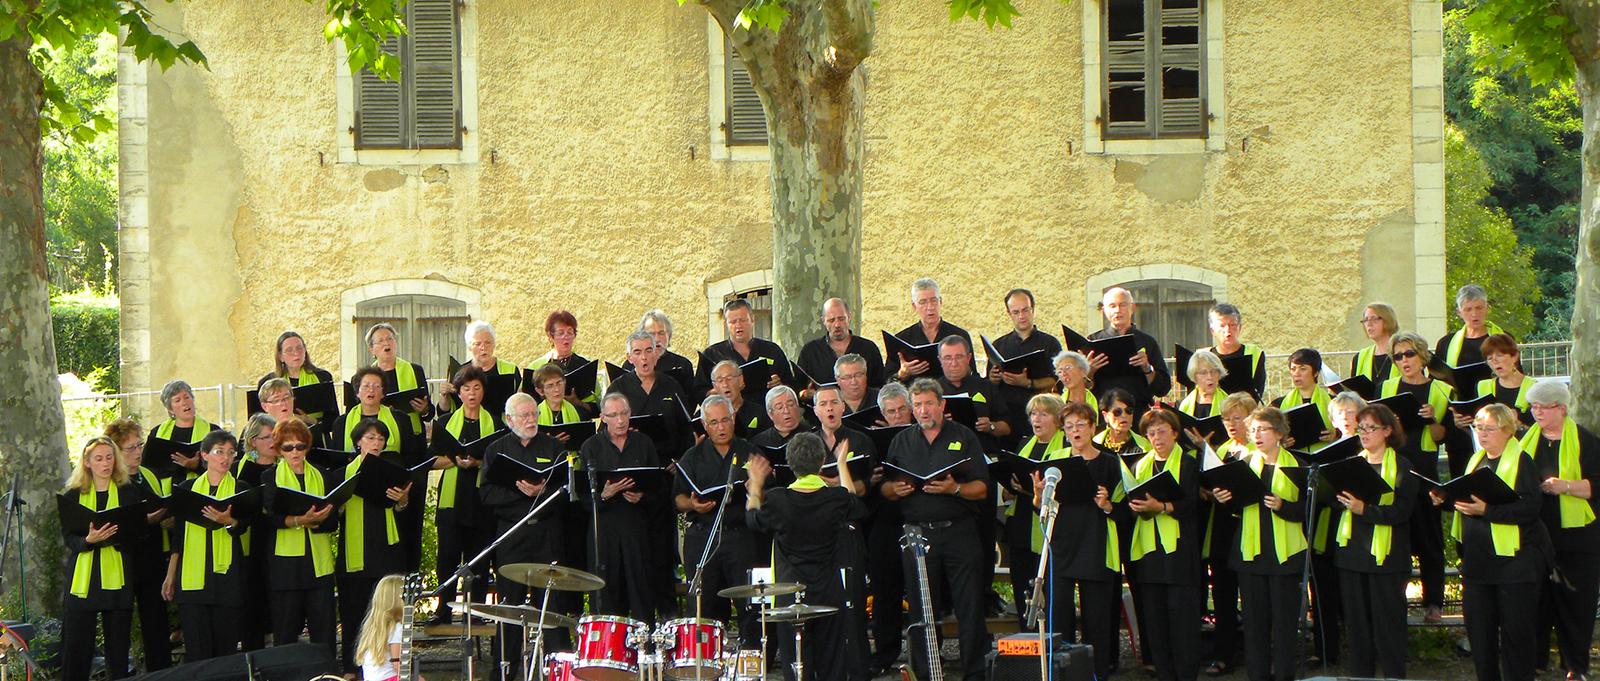 la chorale chantadour en concert